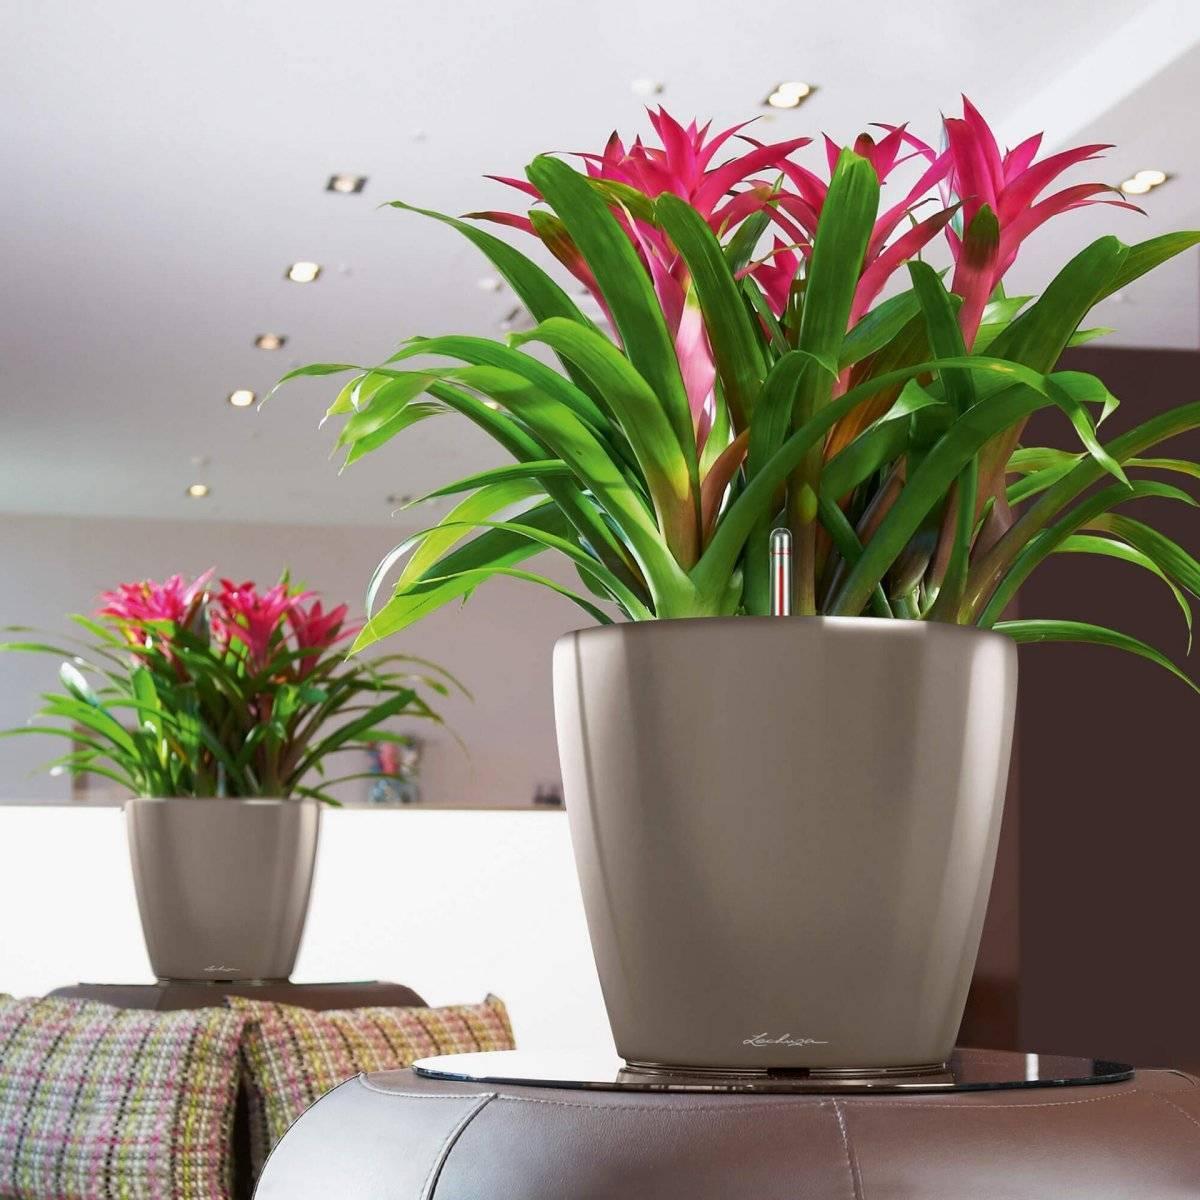 как ухаживать за комнатными растениями и ухаживать в феврале фото 1